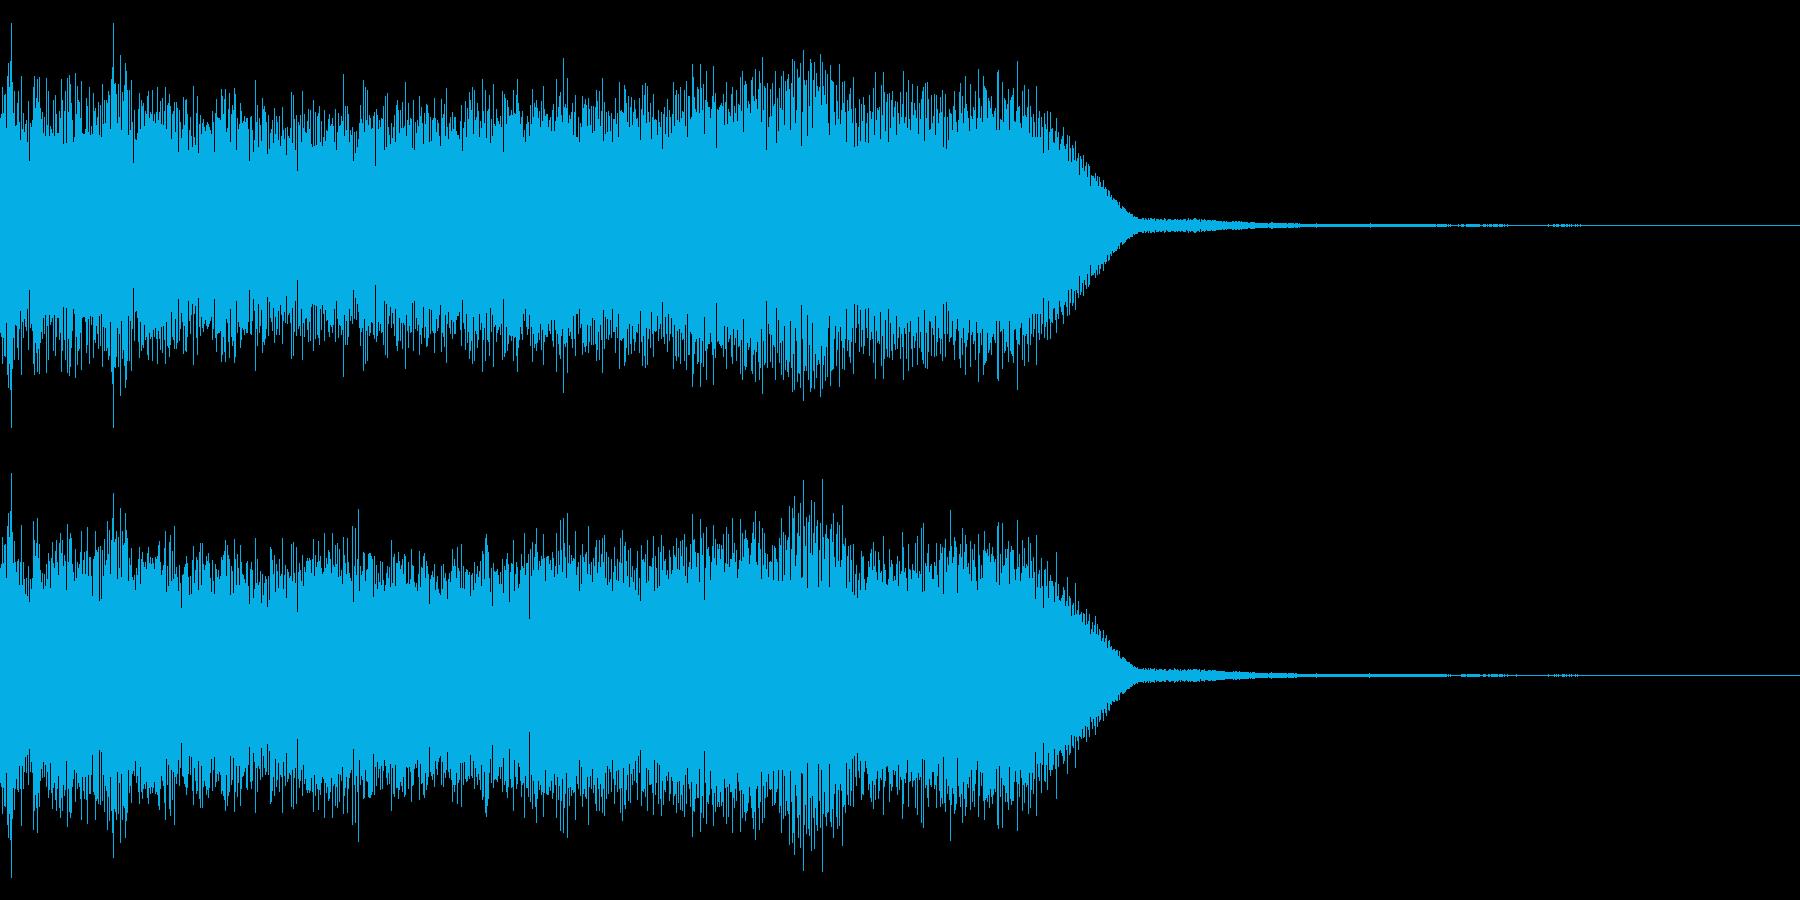 ロック・メタル系 ギターの速弾きフレーズの再生済みの波形